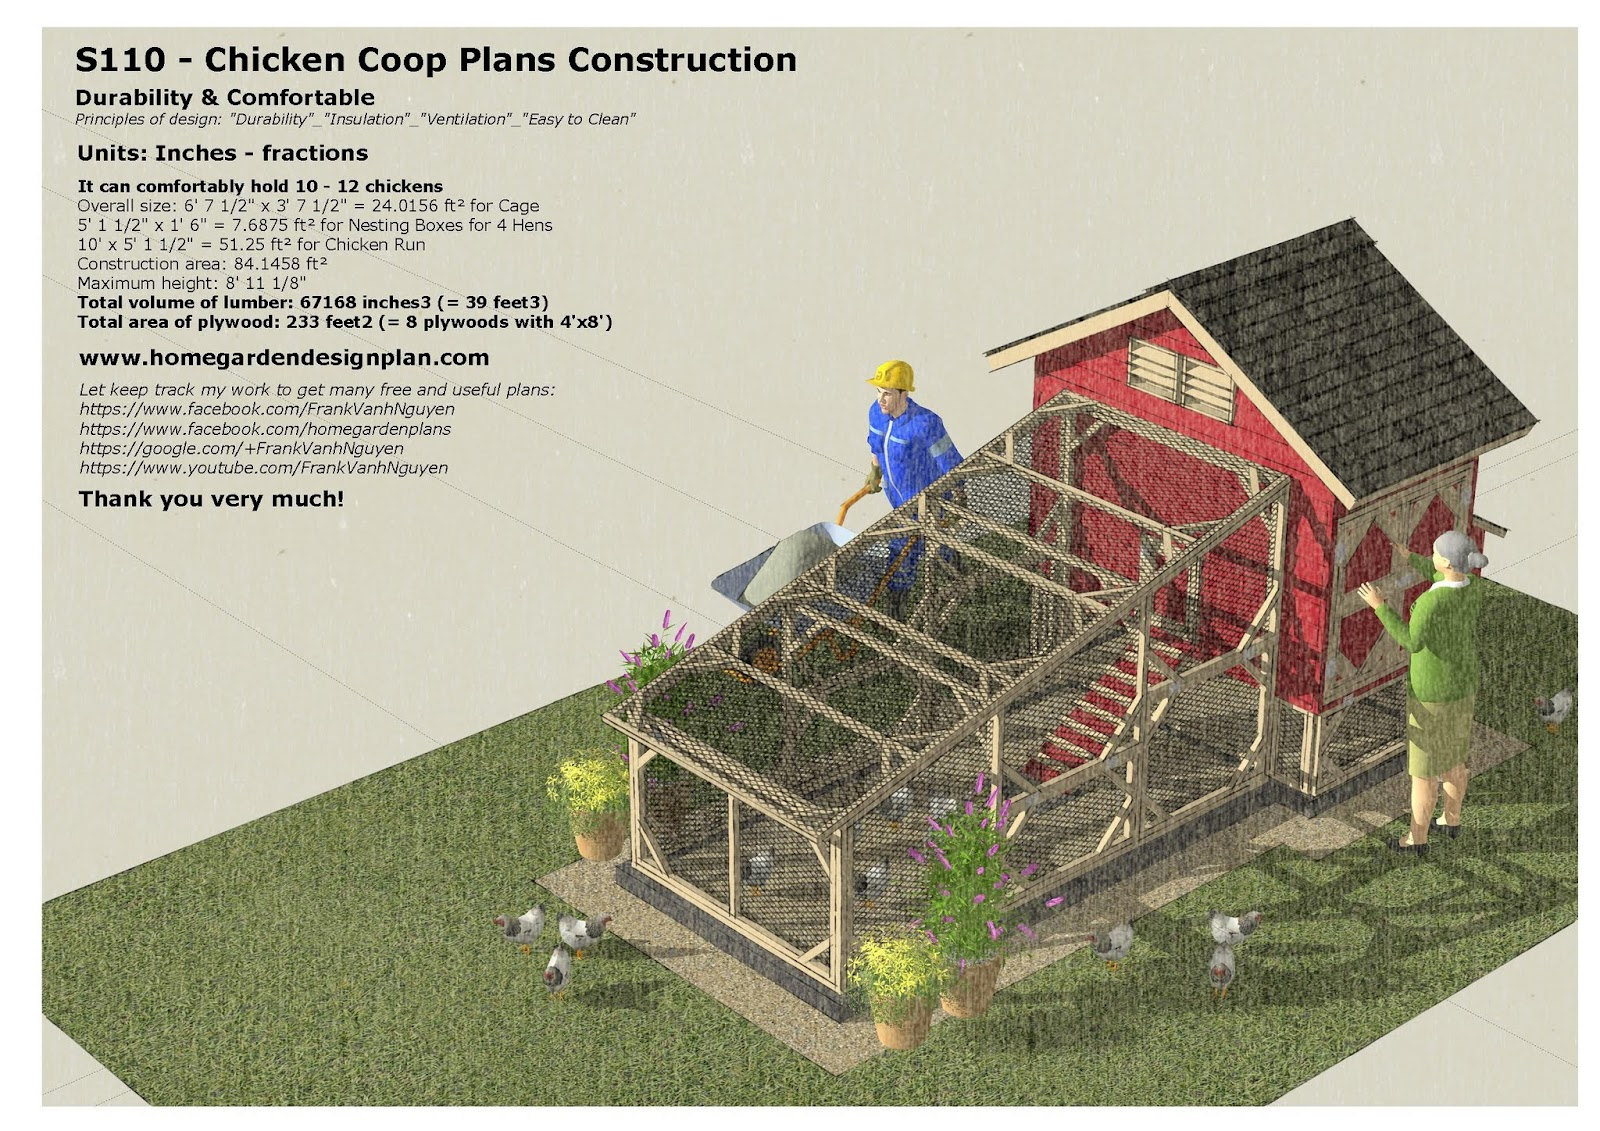 Home garden plans s110 chicken coop plans chicken for Xd garden design